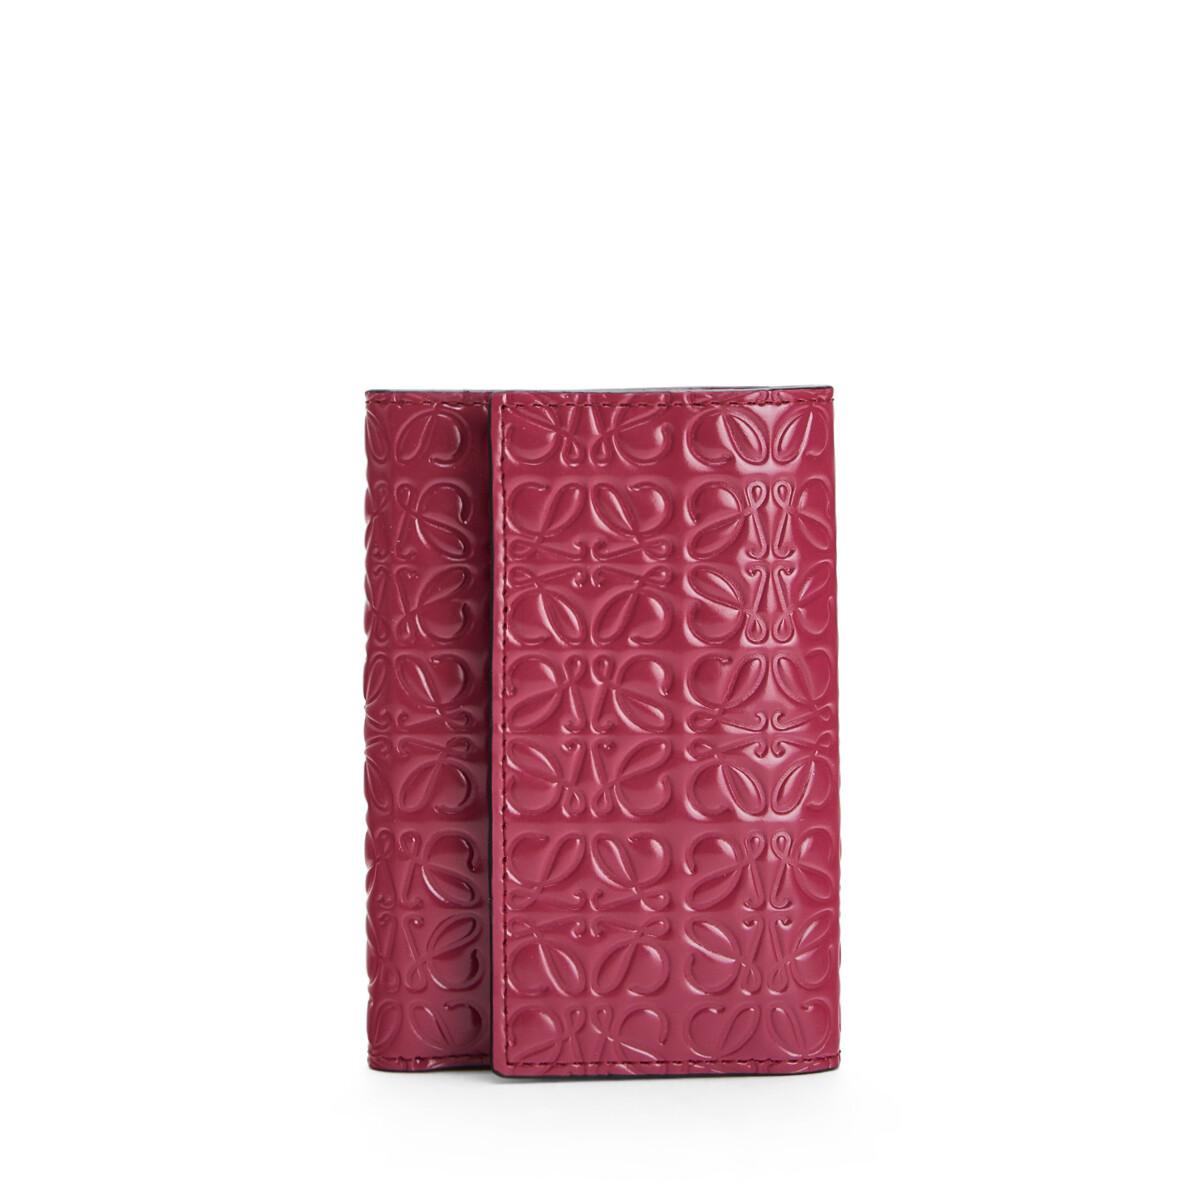 「LOEWE(ロエベ)」の定番レディースミニ財布